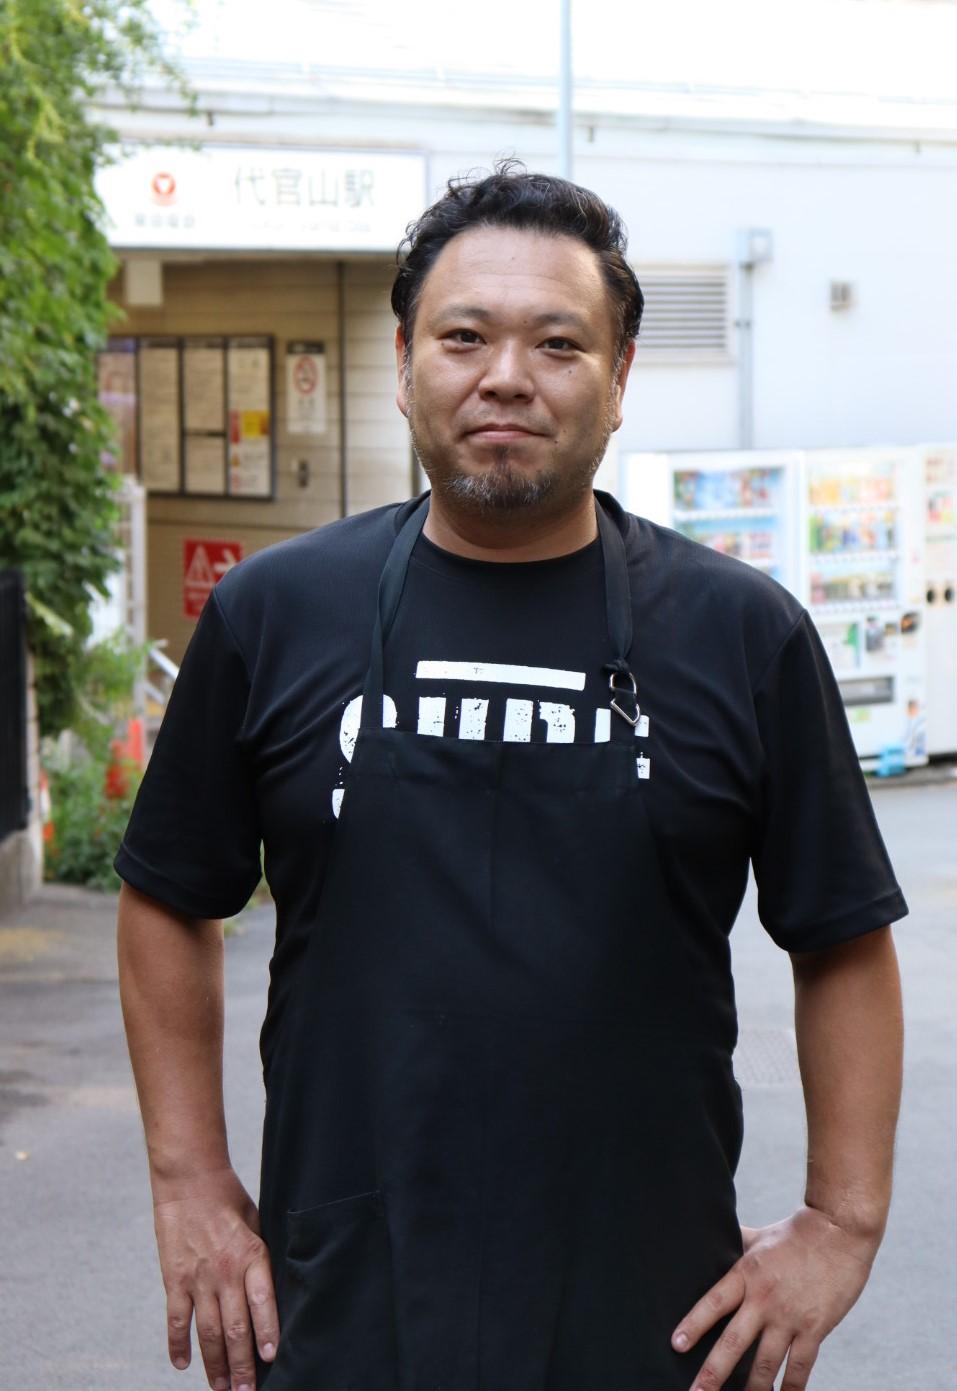 株式会社MK L abo 代表取締役 松尾 雄紀